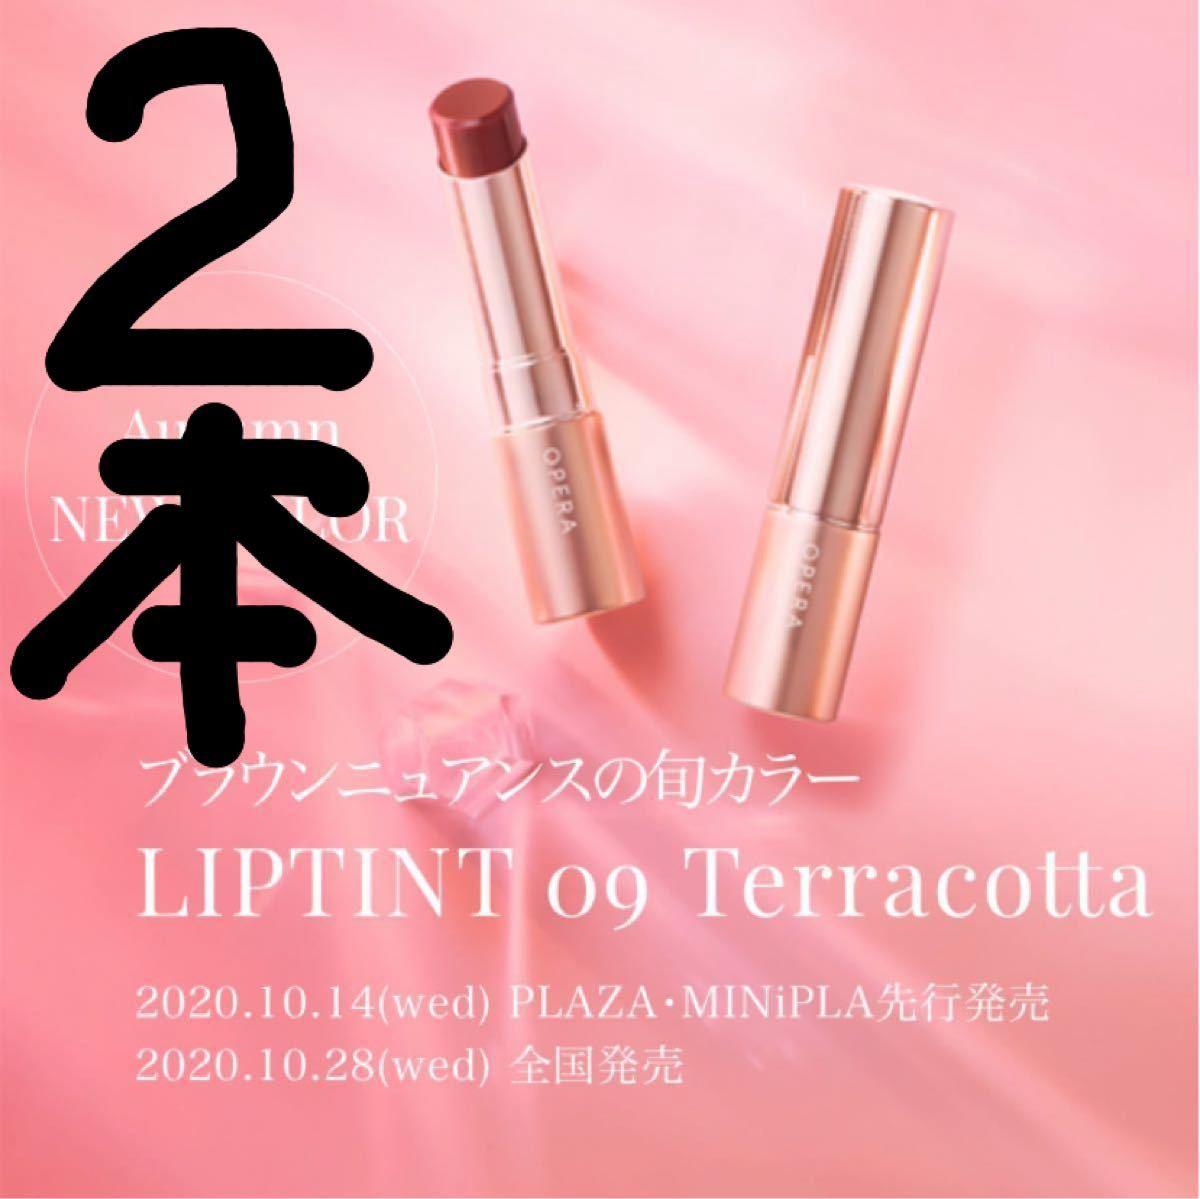 リップティント N 09 テラコッタ(復刻色) オペラリップティント OPERA